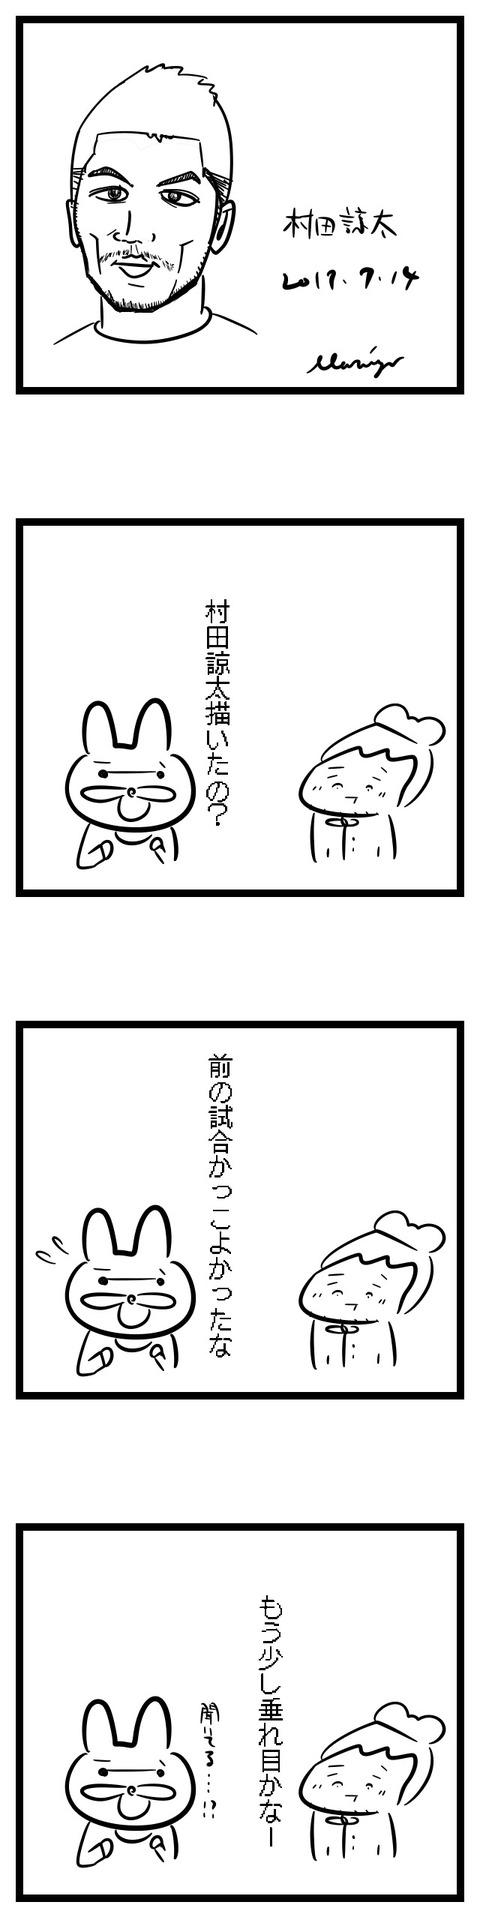 72似顔絵村田諒太